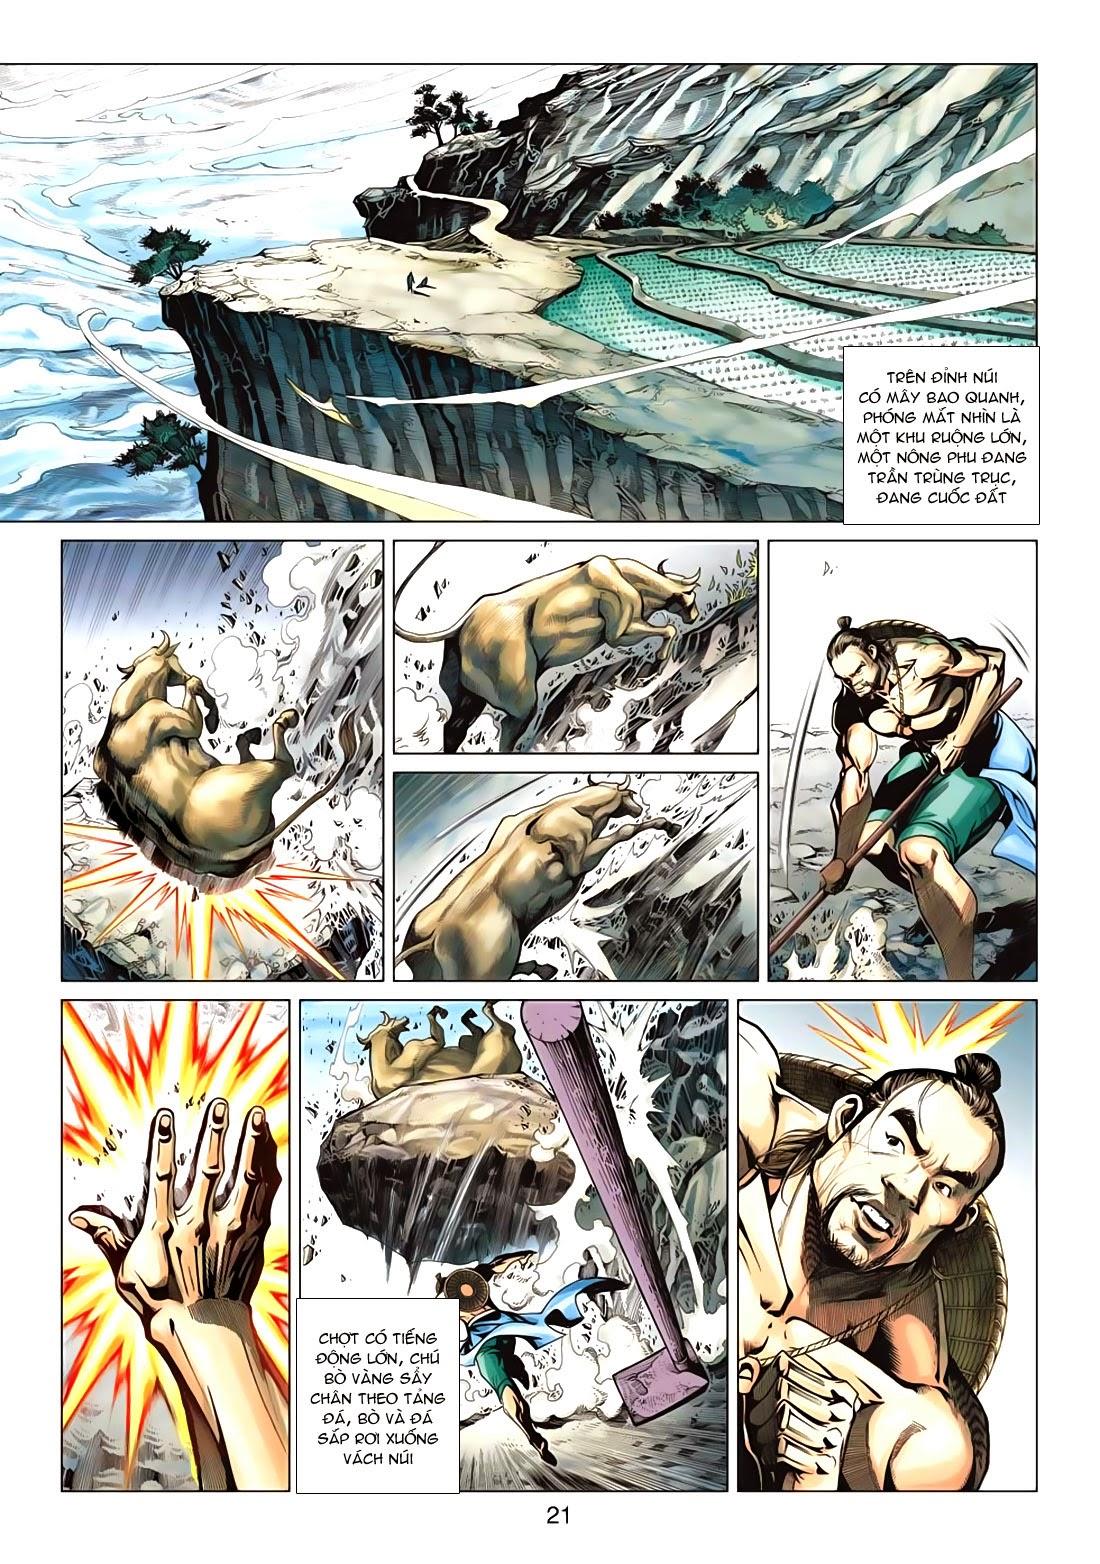 xem truyen moi - Anh Hùng Xạ Điêu - Chapter 72: Ngư Tiều Canh Độc